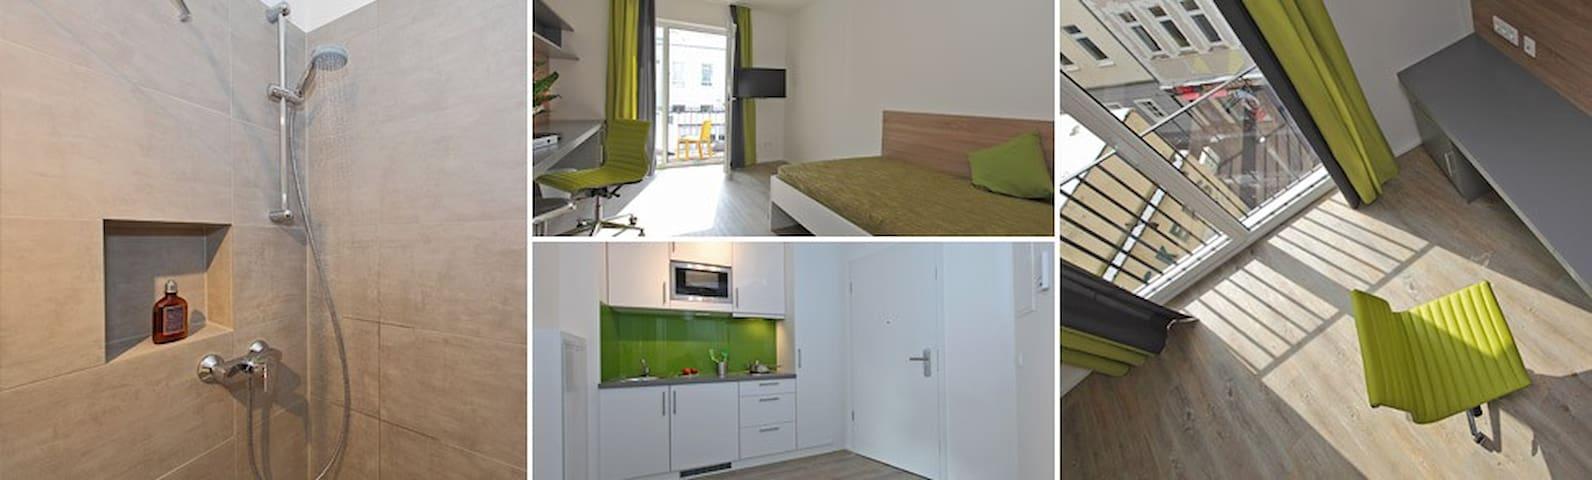 Voll möbliertes Zimmer im Bonner Zentrum - Bonn - Apartamento